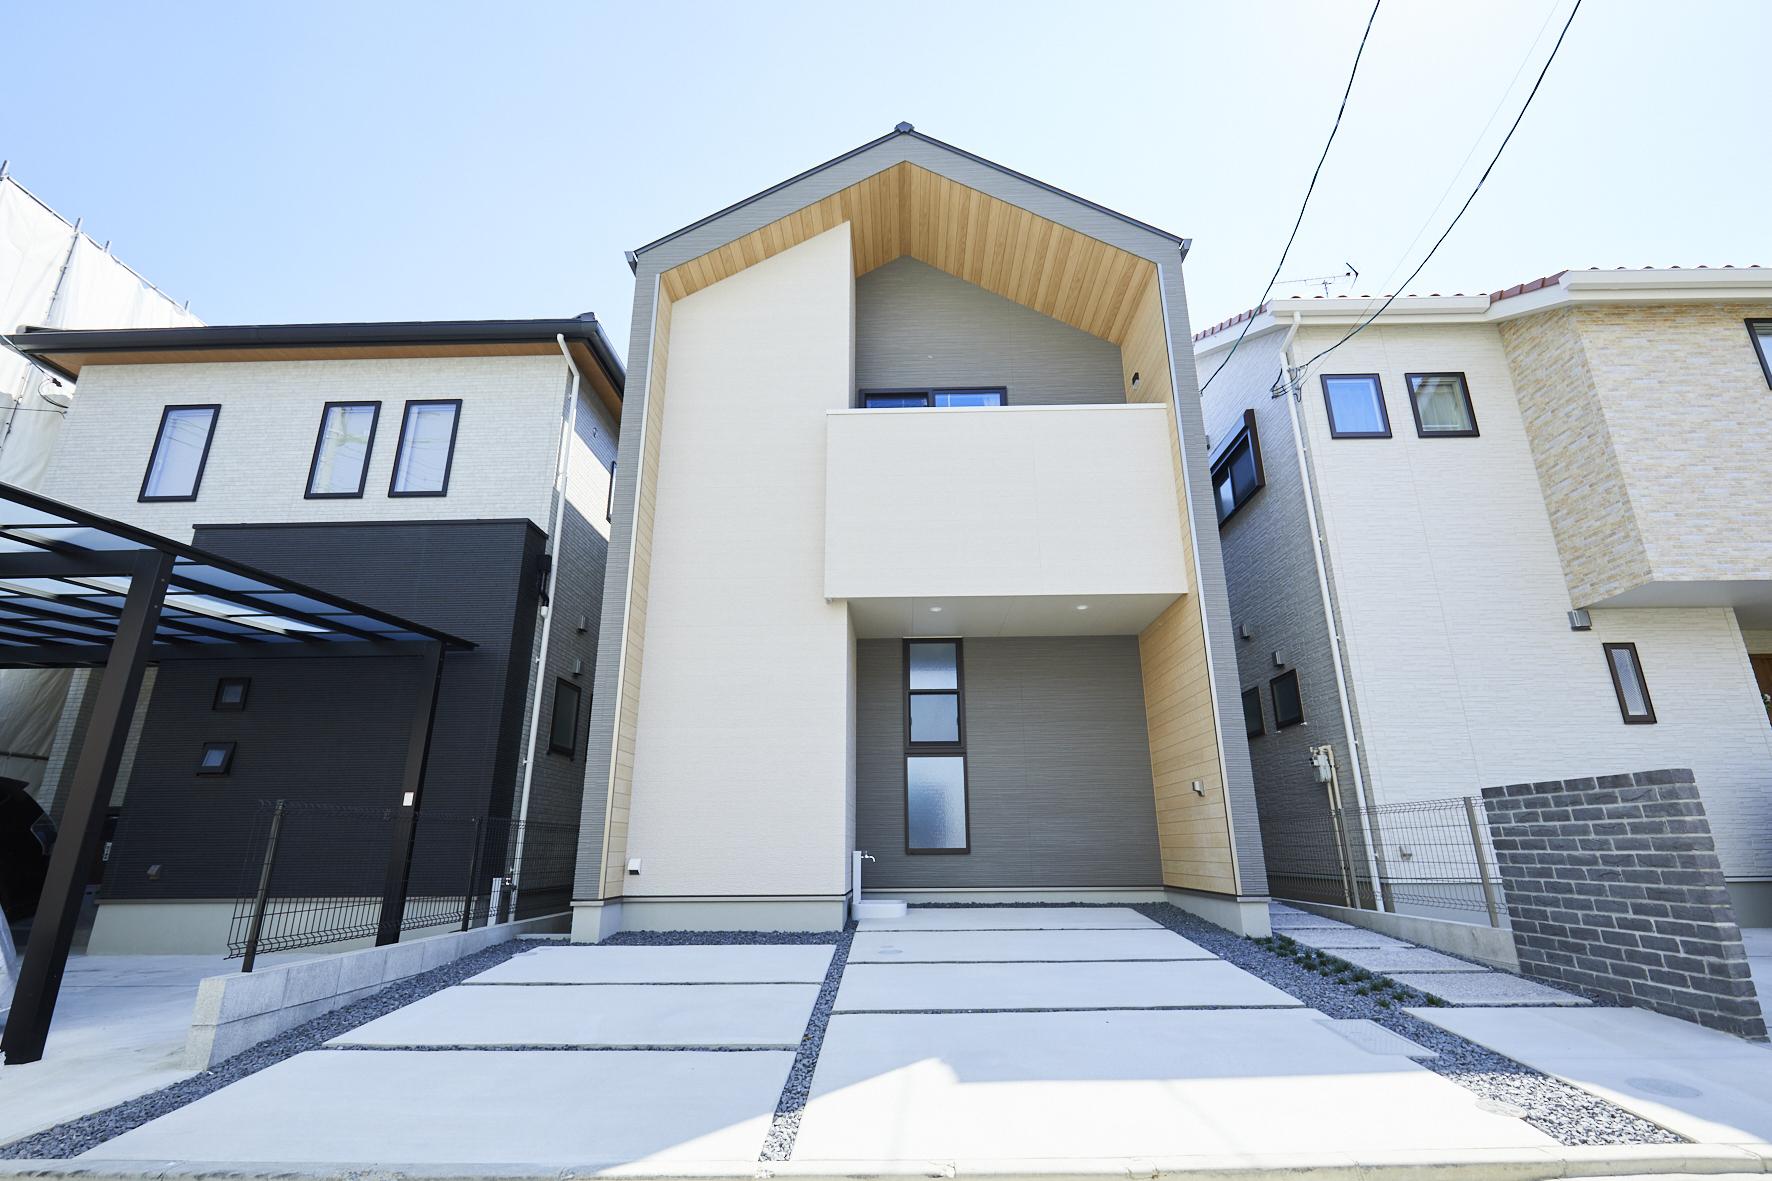 33坪の敷地に建つ家 「Glova」